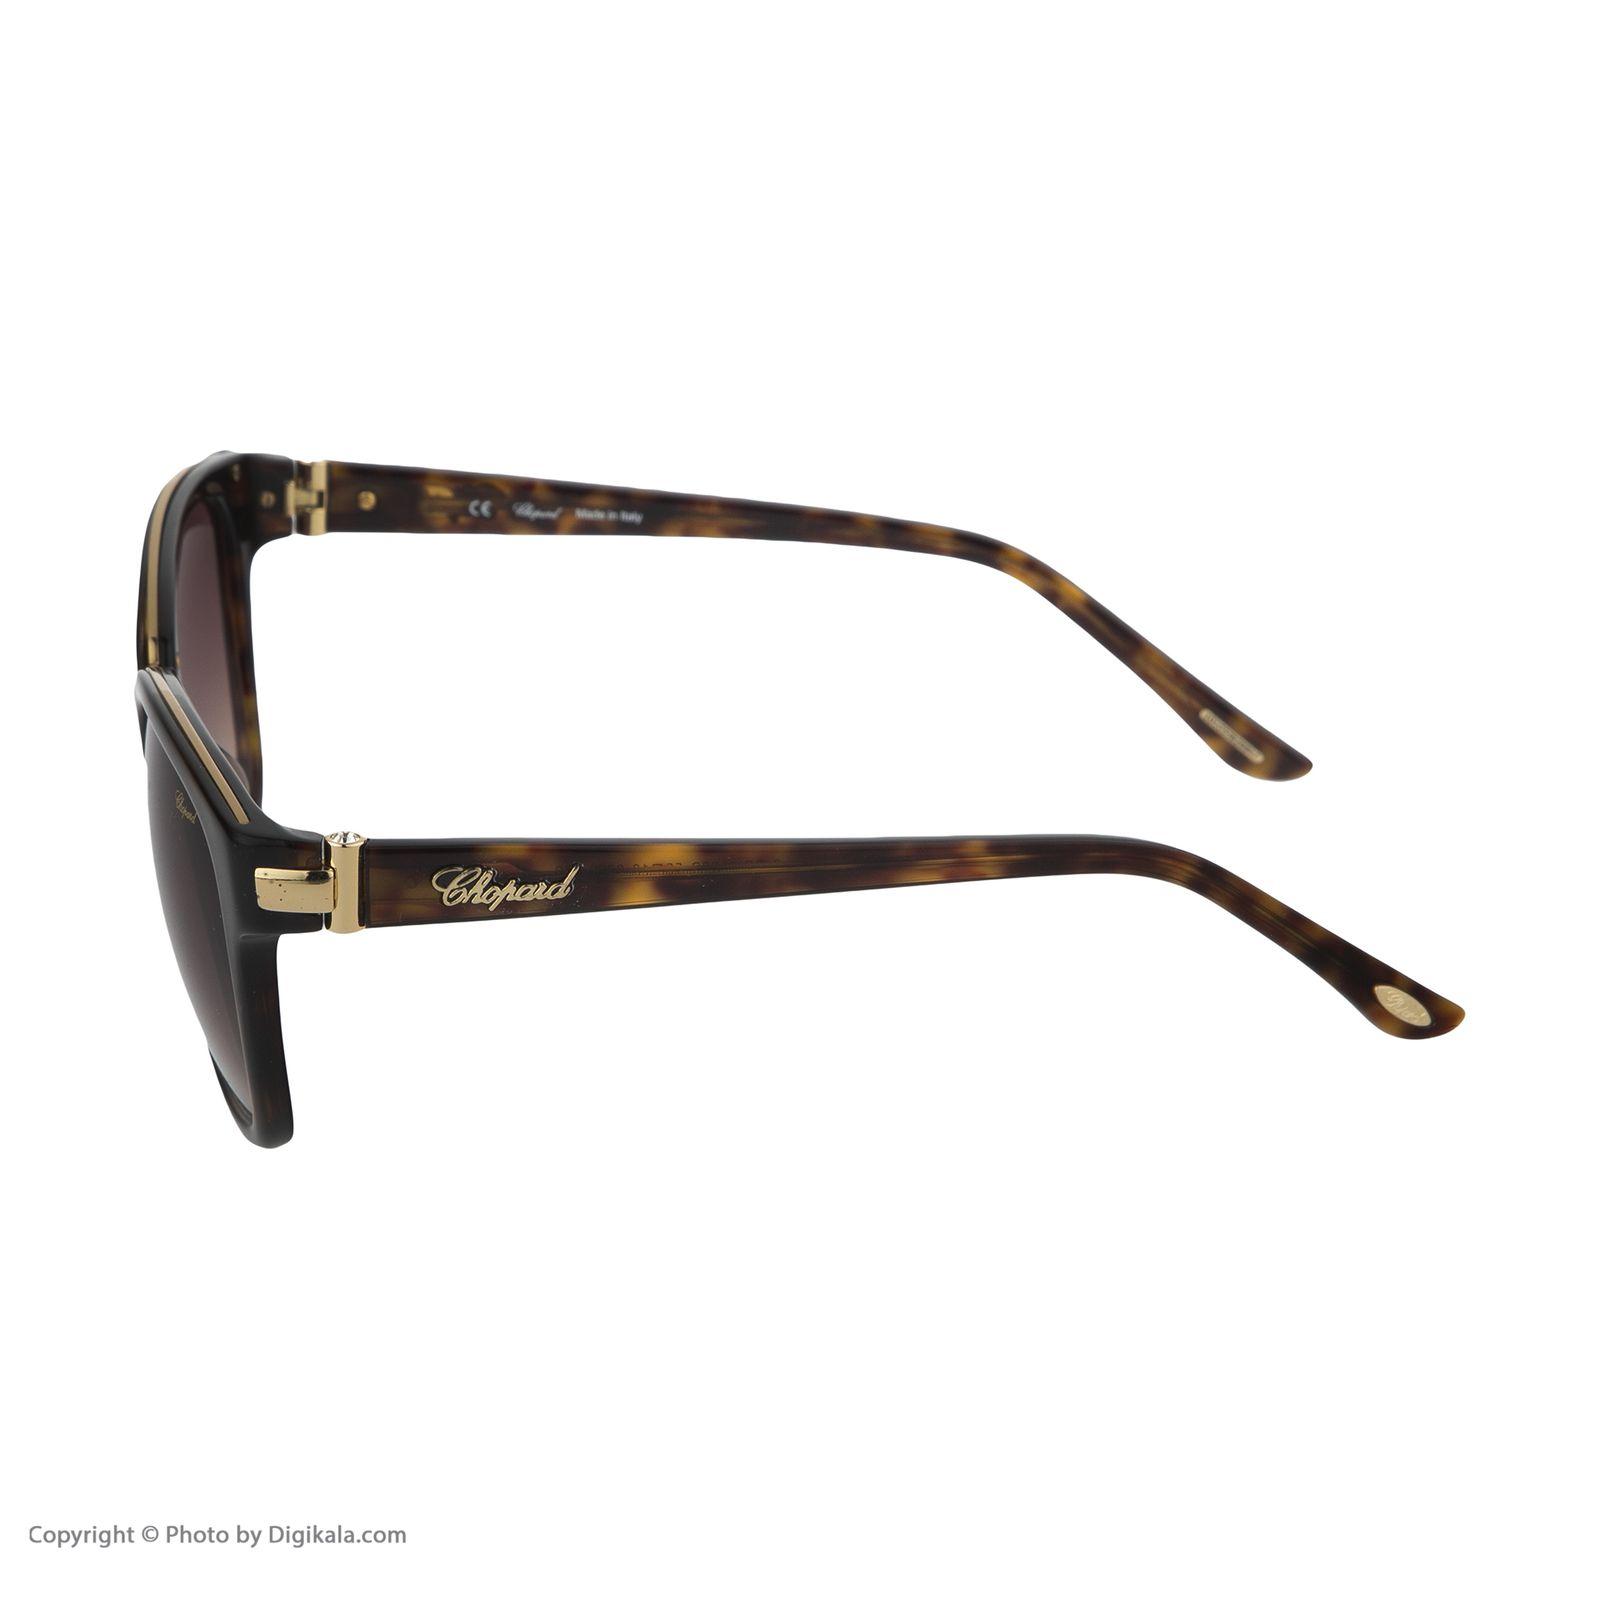 عینک آفتابی زنانه شوپارد مدل 128s -  - 3